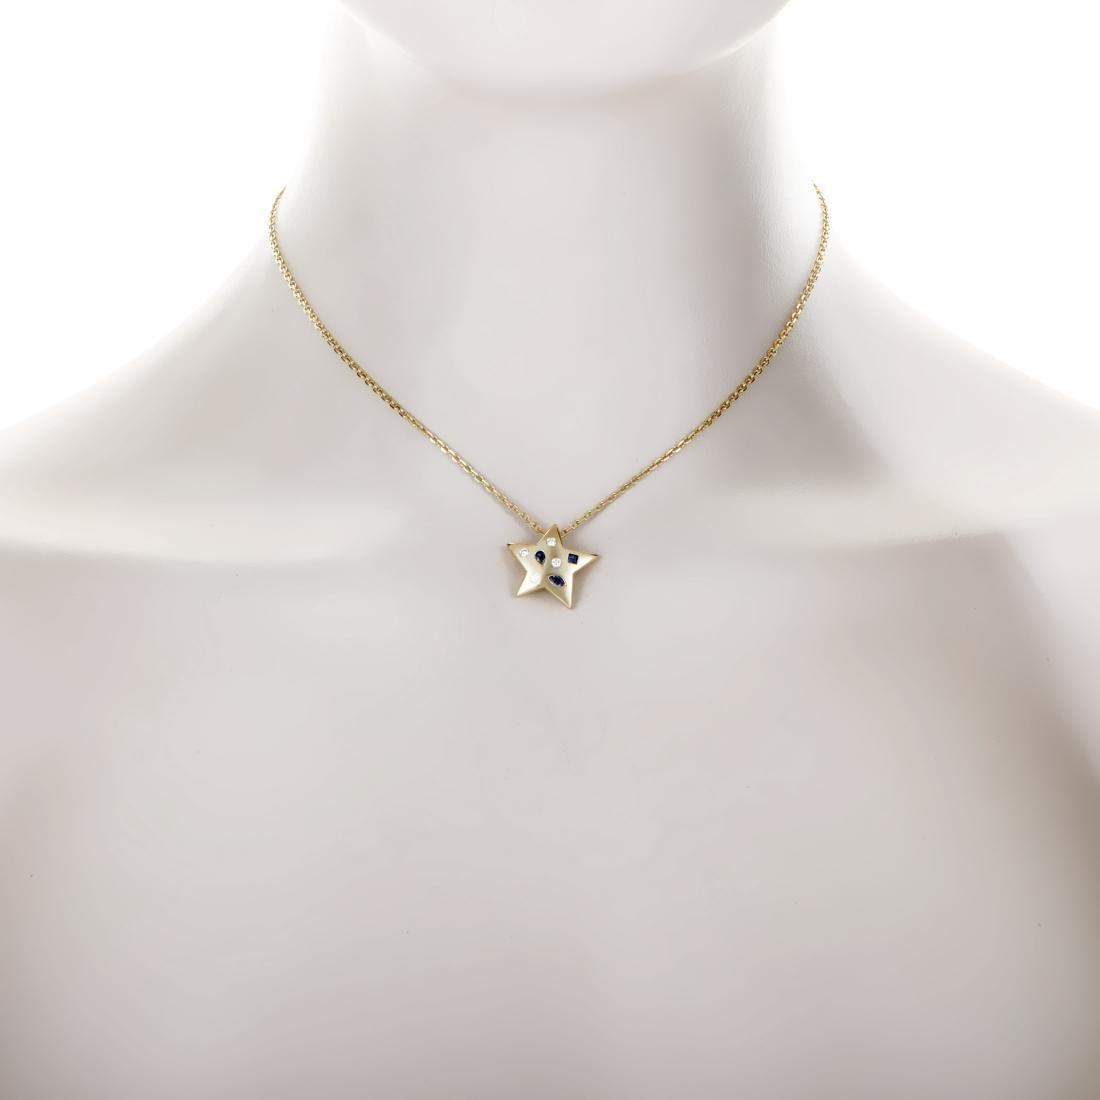 Chanel Comete 18K Gold Diamond Sapphire Star Necklace - 2